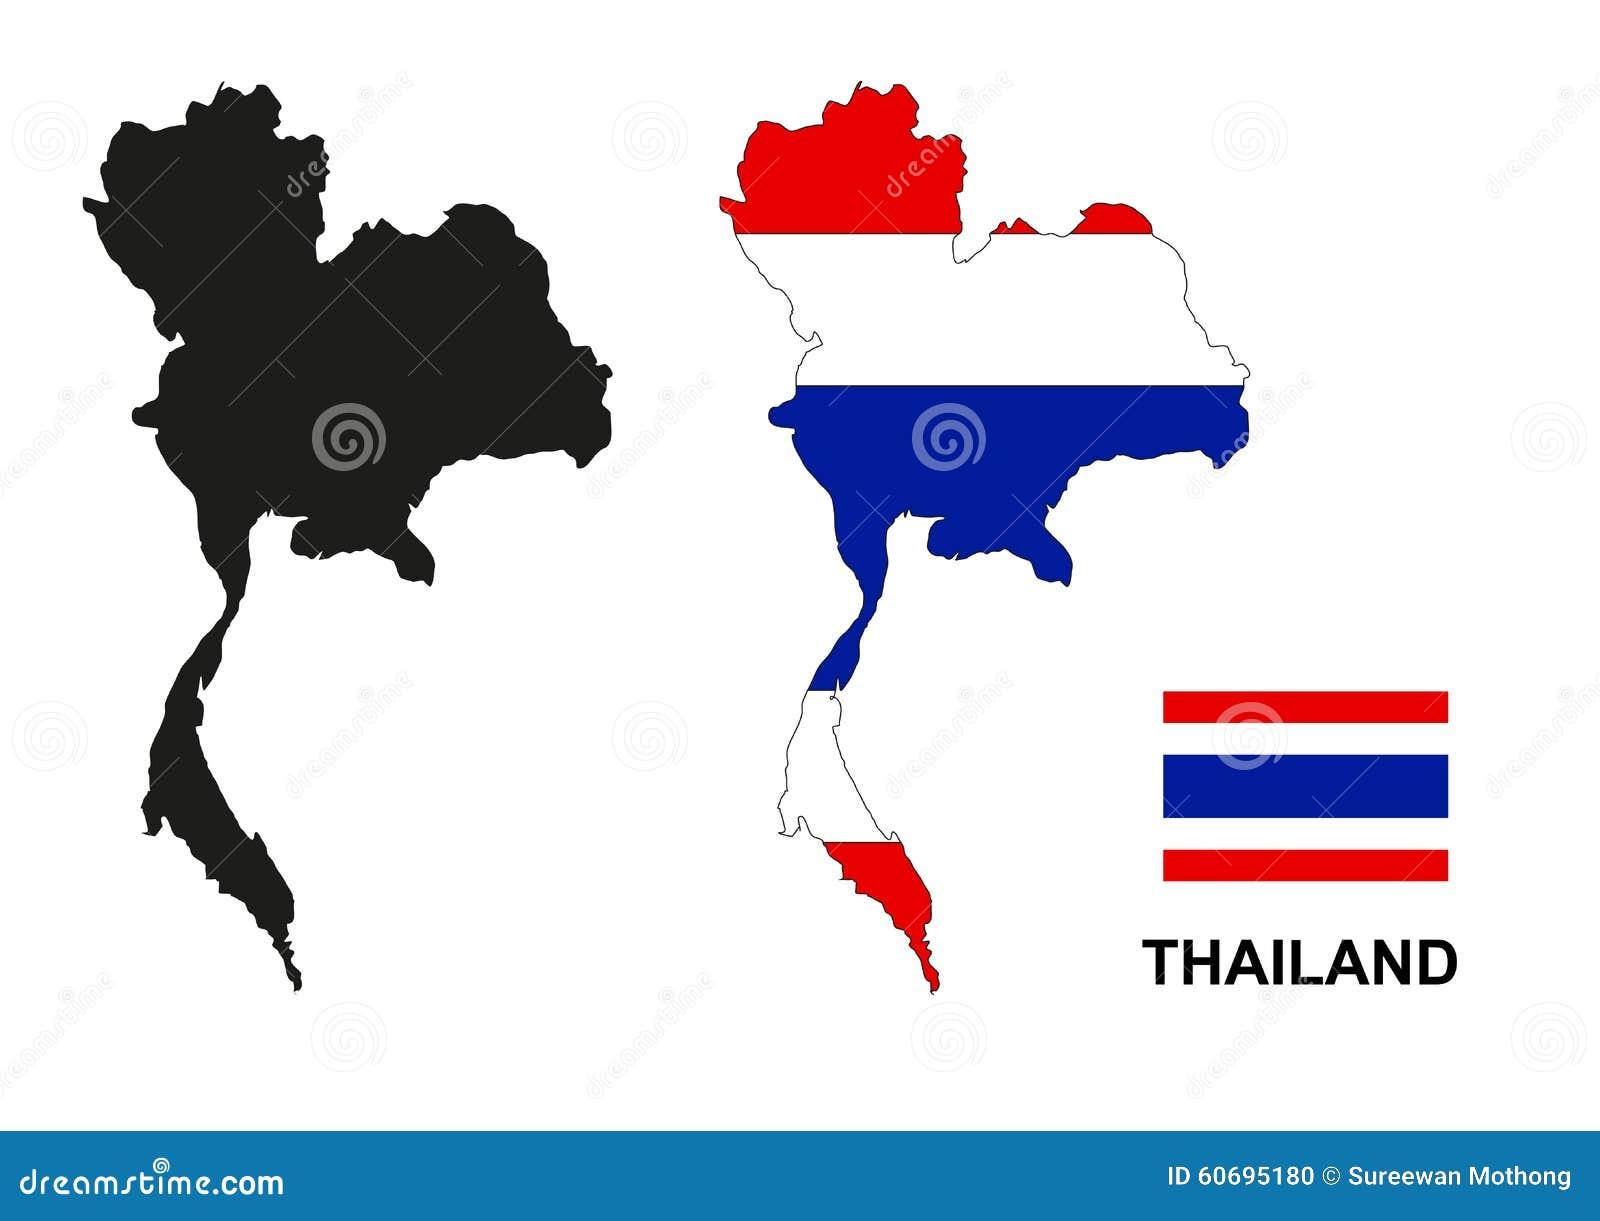 Thailand Map Vector, Thailand Flag Vector, Isolated Thailand ...